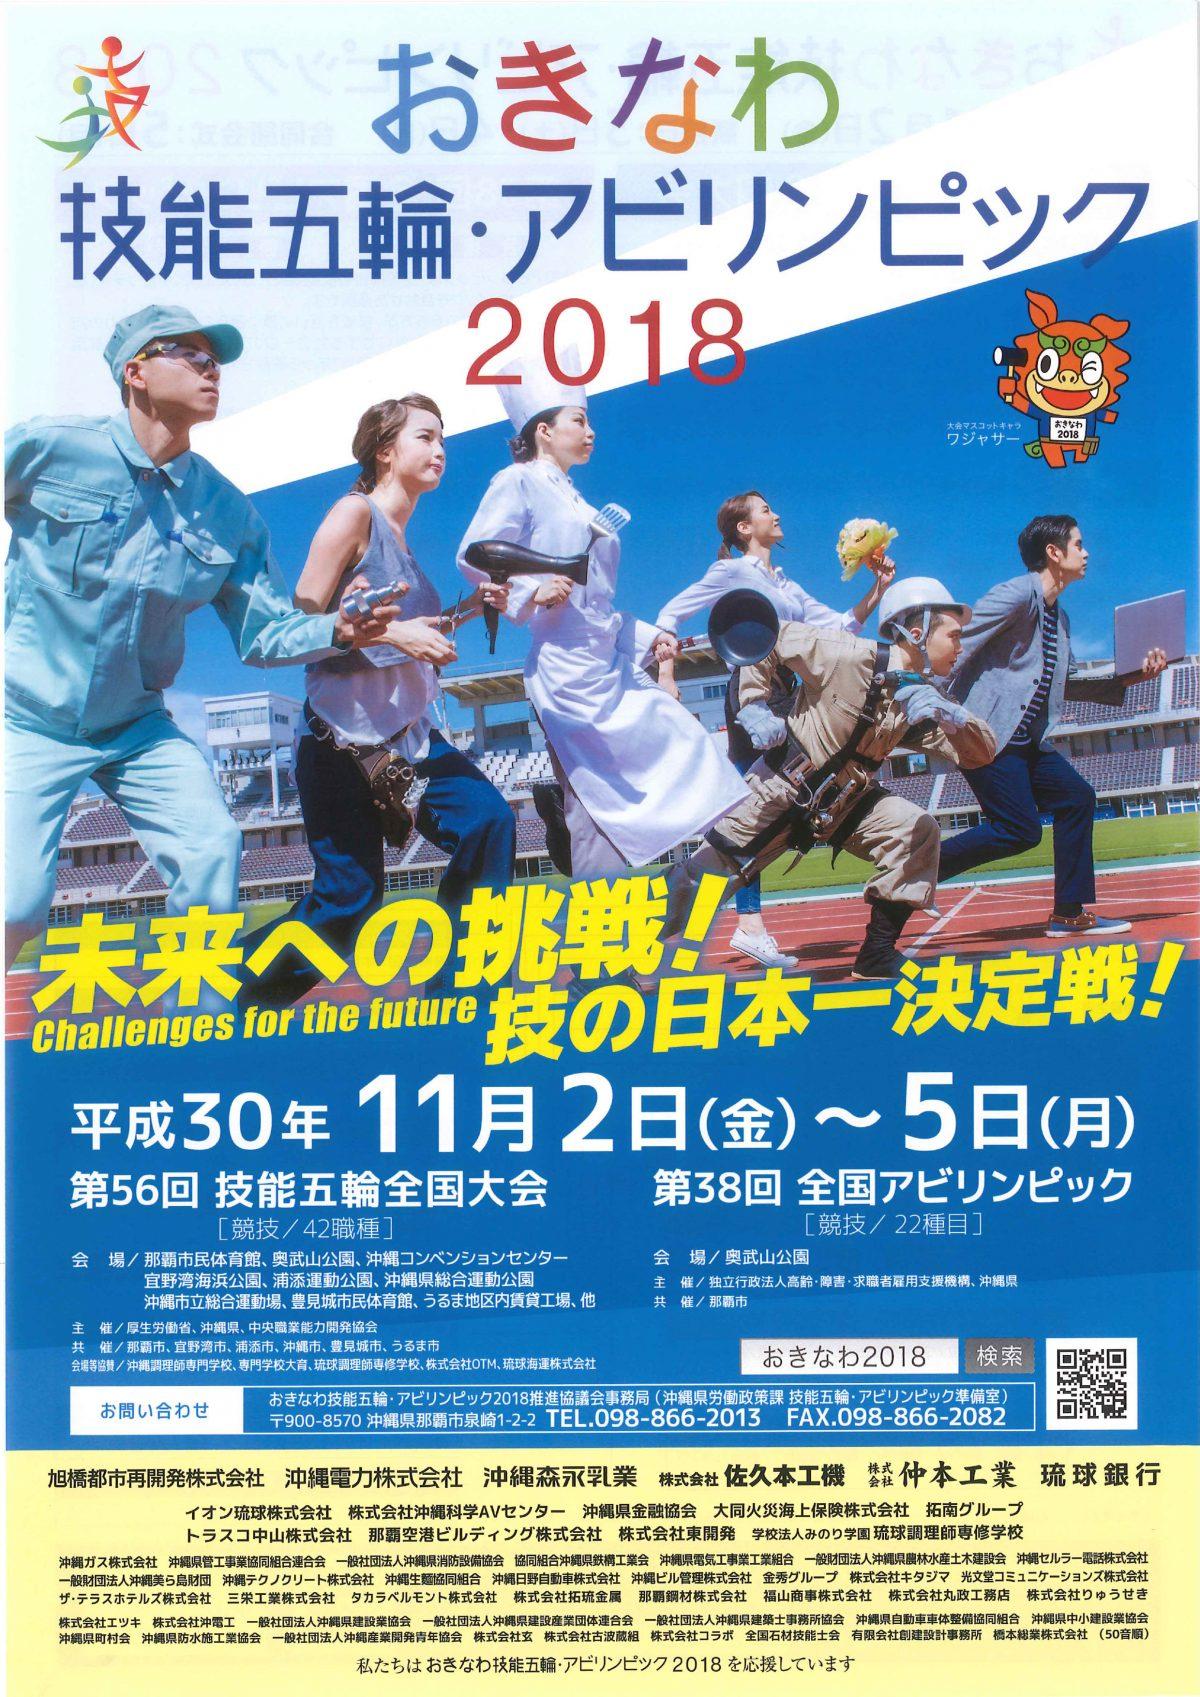 11月3日(土)・4日(日)の「おきなわ技能五輪・アビリンピック 2018」にブースで出ます!